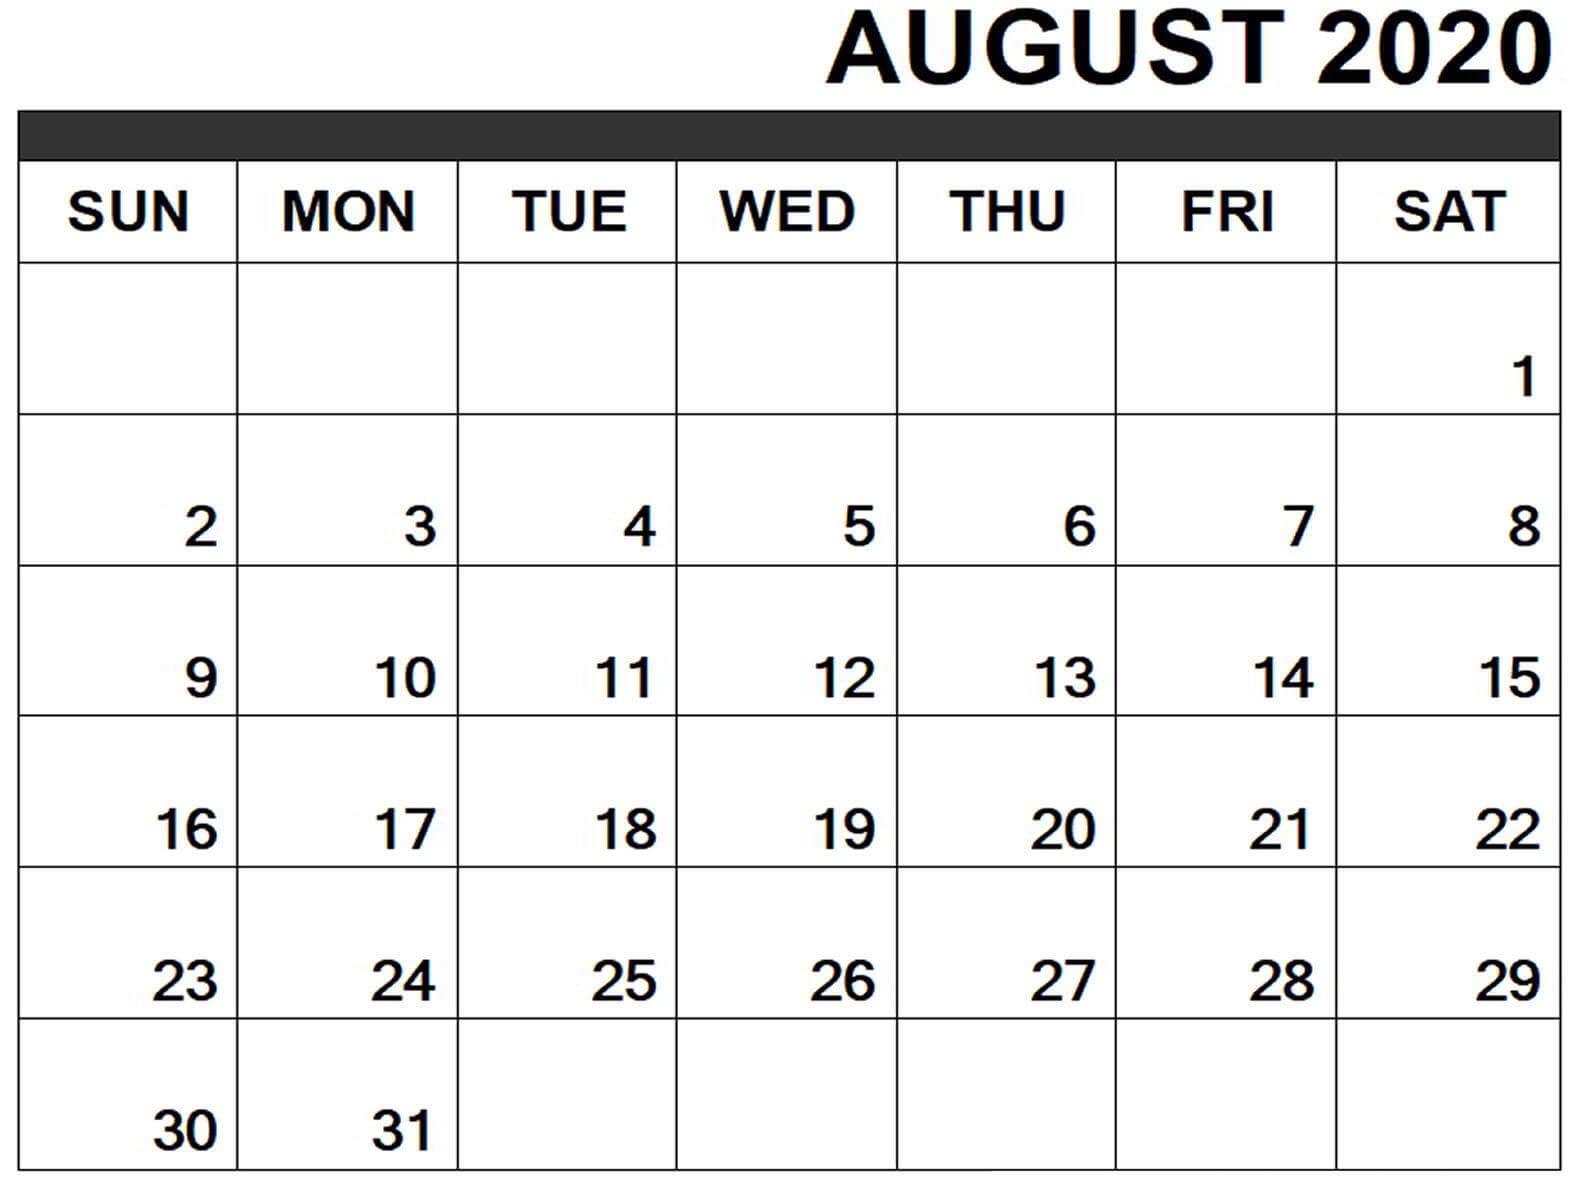 Cute August 2020 Calendar With Holidays